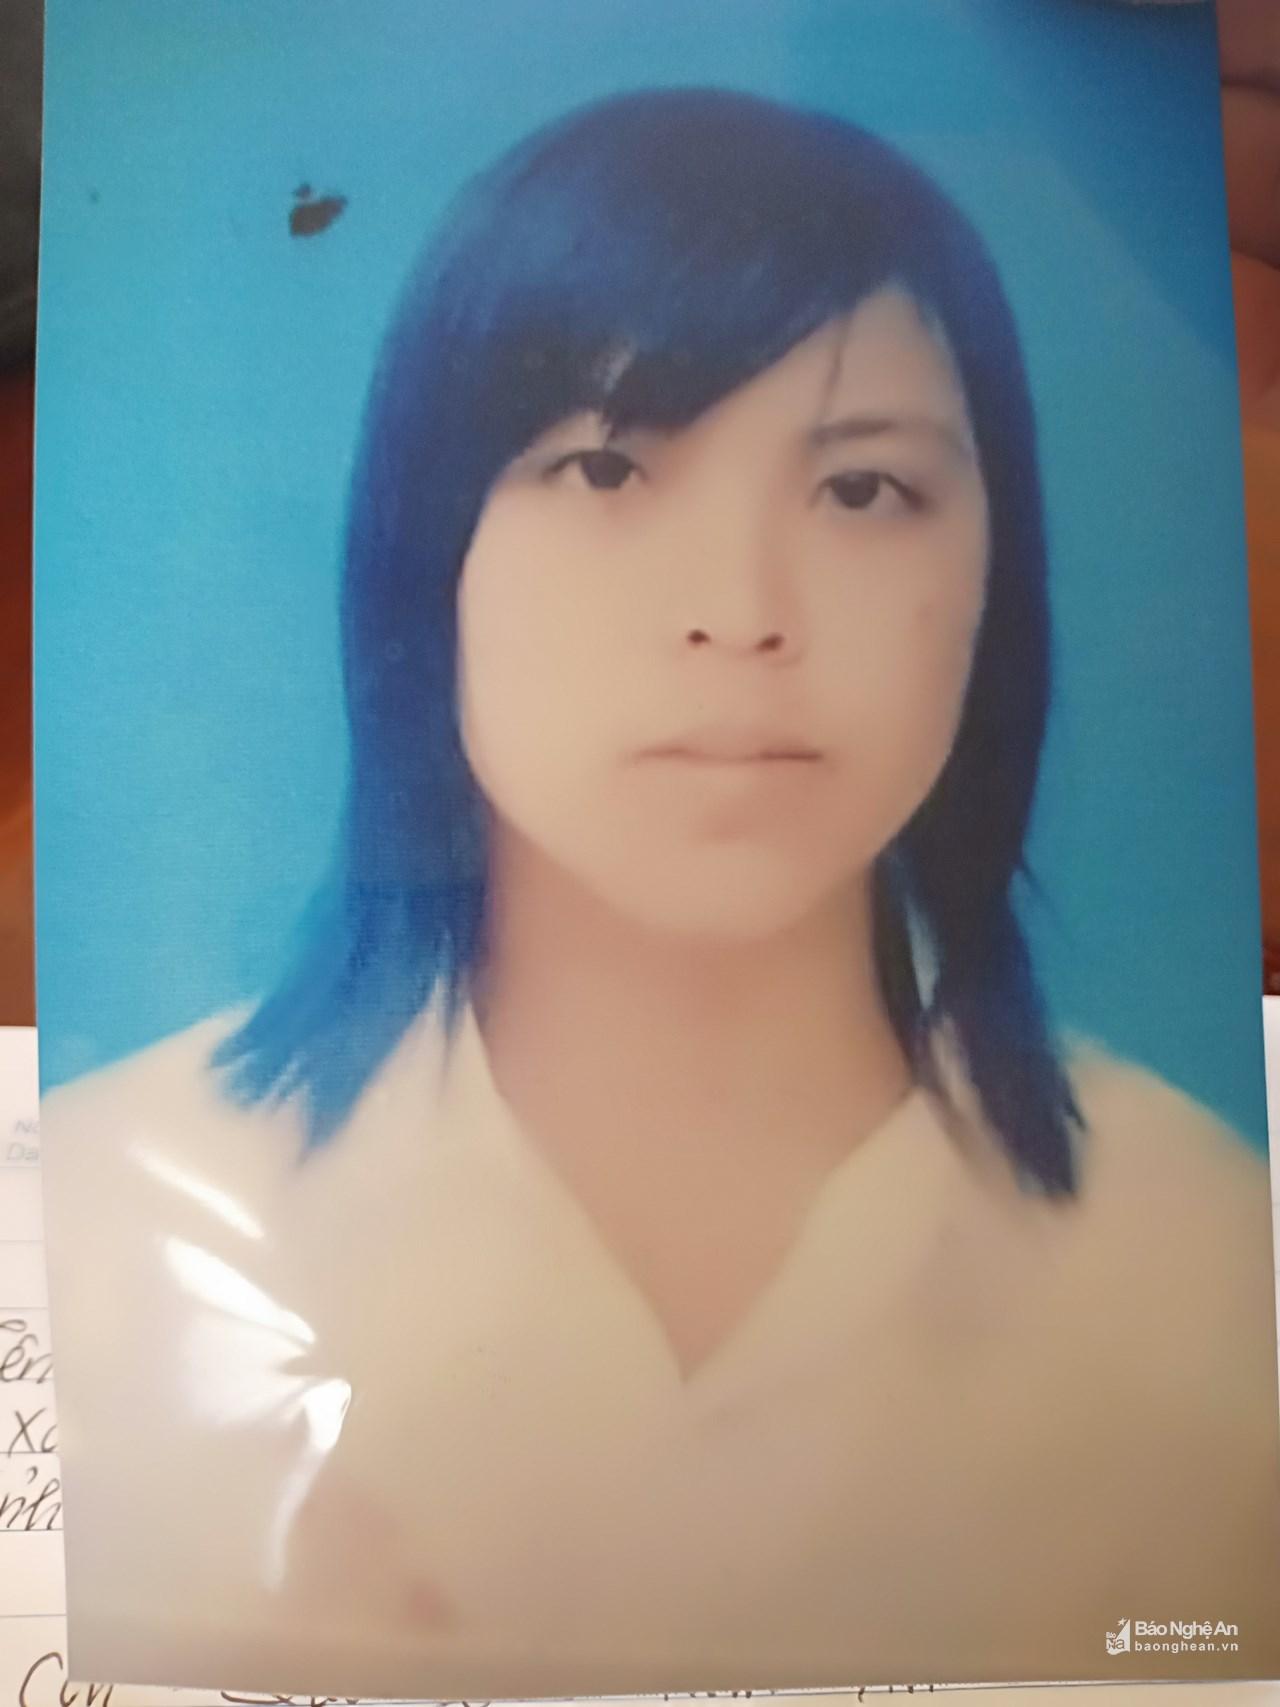 Nghệ An: Cô gái 20 tuổi mất tích bí ẩn hơn 1 tuần - Hình 1